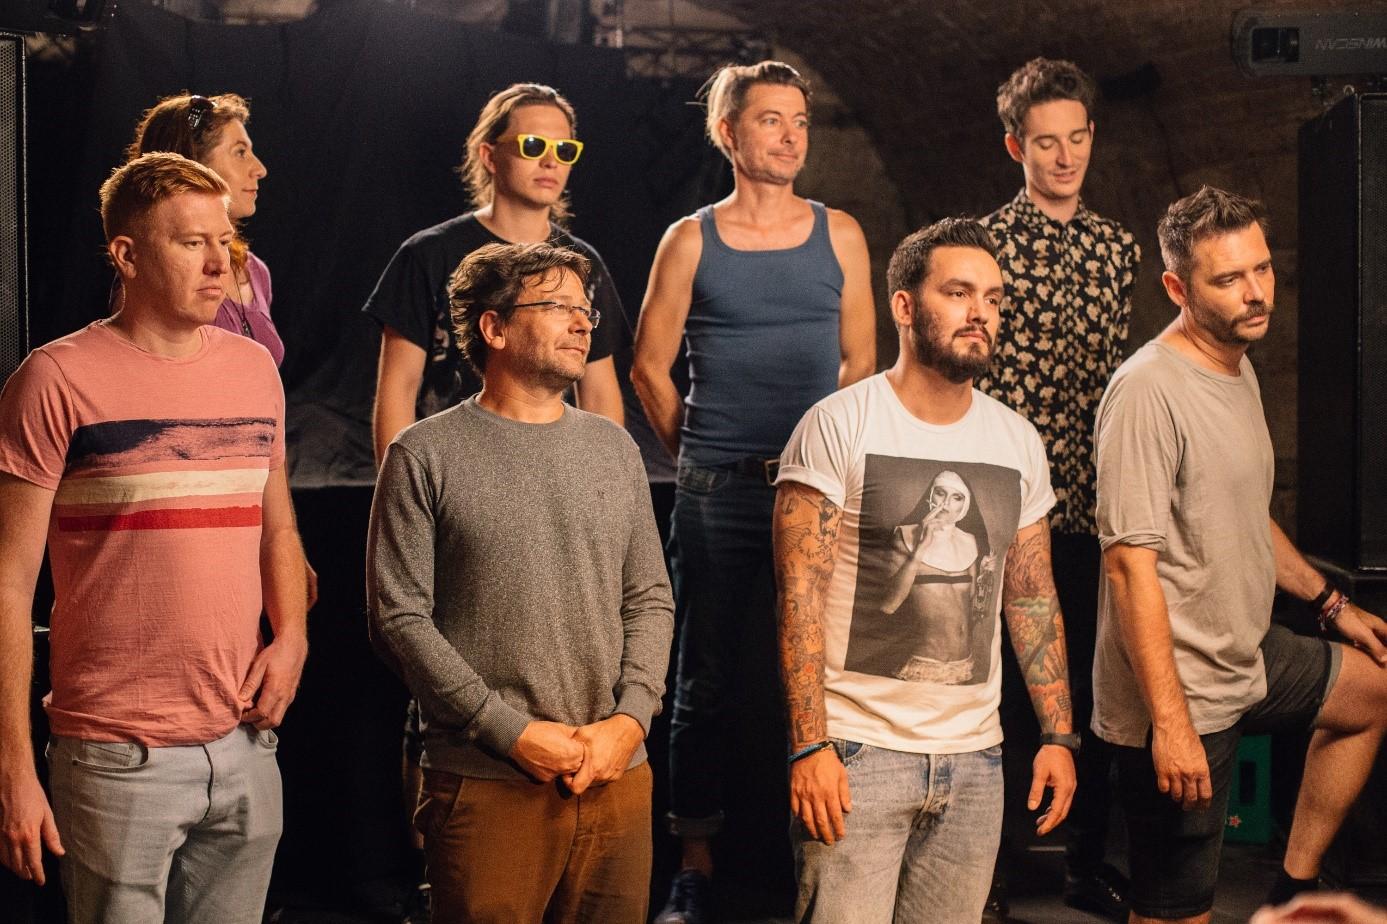 A filmben szereplő zenészek: Takáts Eszter, Pető Szabi, Beck Zoli, Járai Márk (felső sor), Marsalkó Dávid, Lovasi András, Farkas Roland, Felcser Máté (alsó sor)